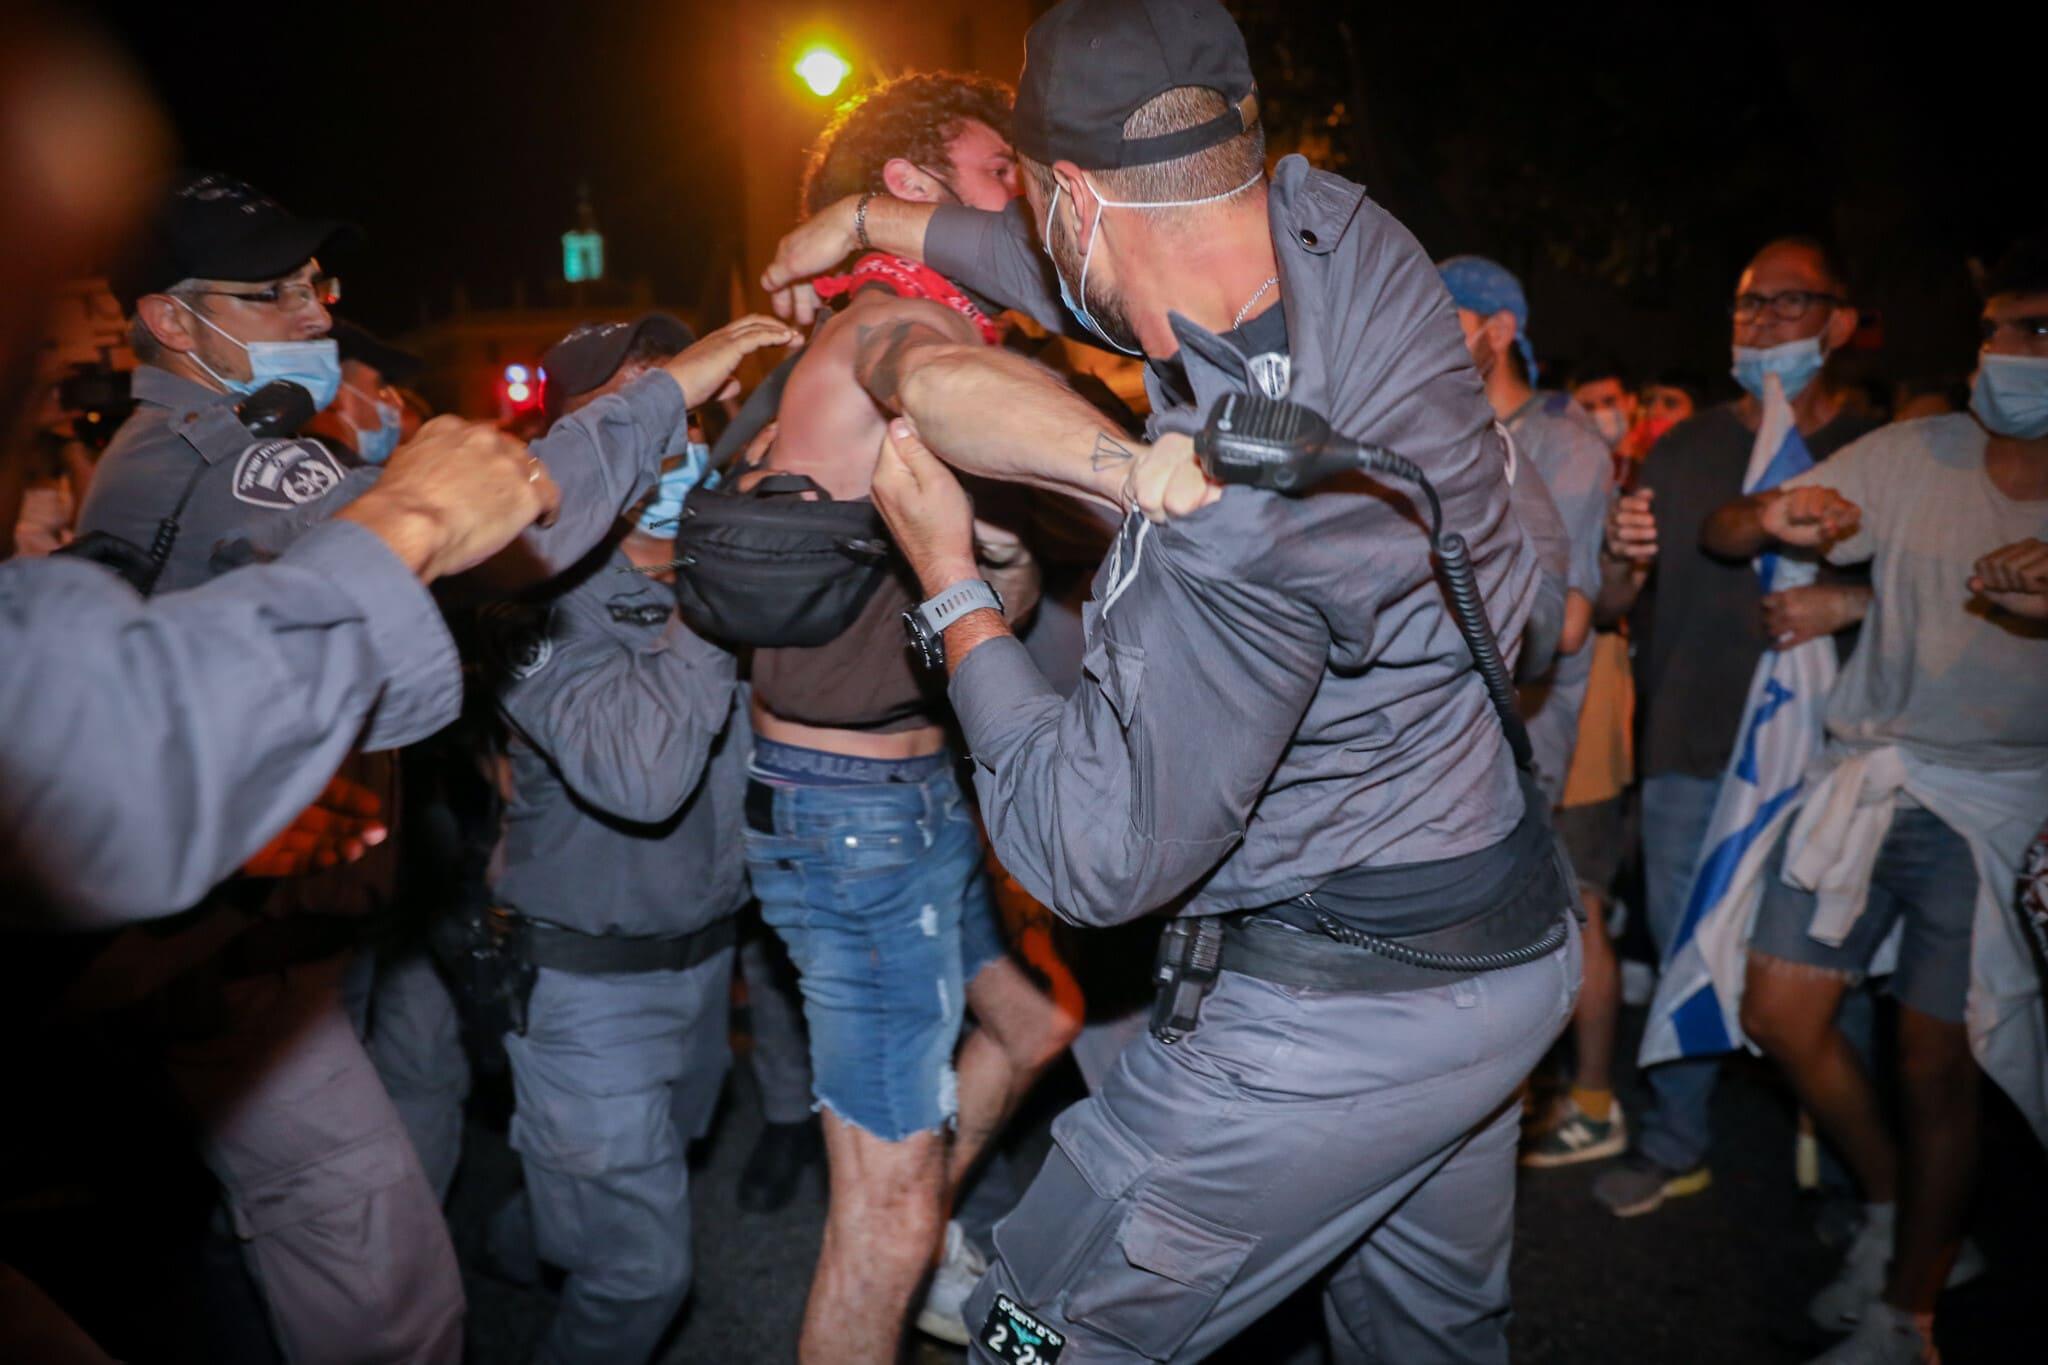 סתיו שומר נעצר על ידי שוטרים בהפגנה בבלפור, ב-22 באוגוסט 2020 (צילום: נועם רבקין פנטון/פלאש90)